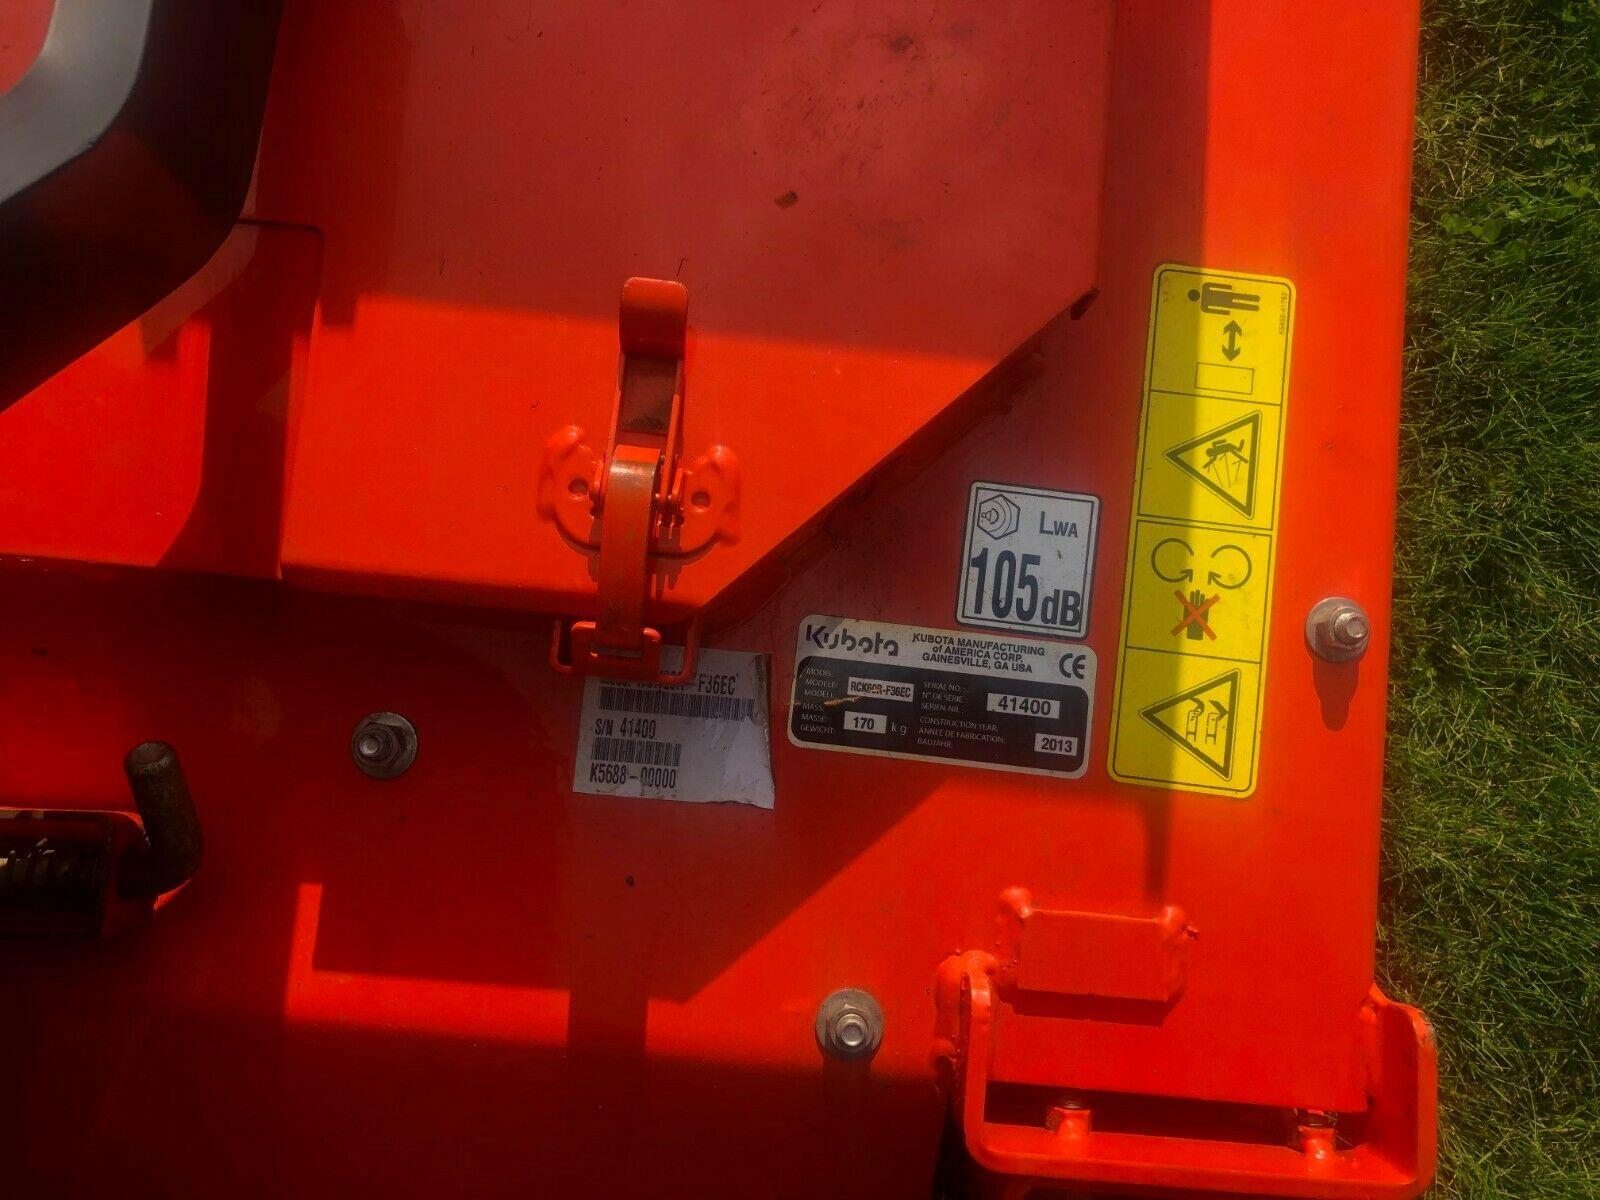 """Lot 38 - KUBOTA 3680 4x4, YEAR 2013, 60"""" REAR DISCHARGE UPFRONT ROTARY MOWER, HYDRO DRIVE. *PLUS VAT*"""